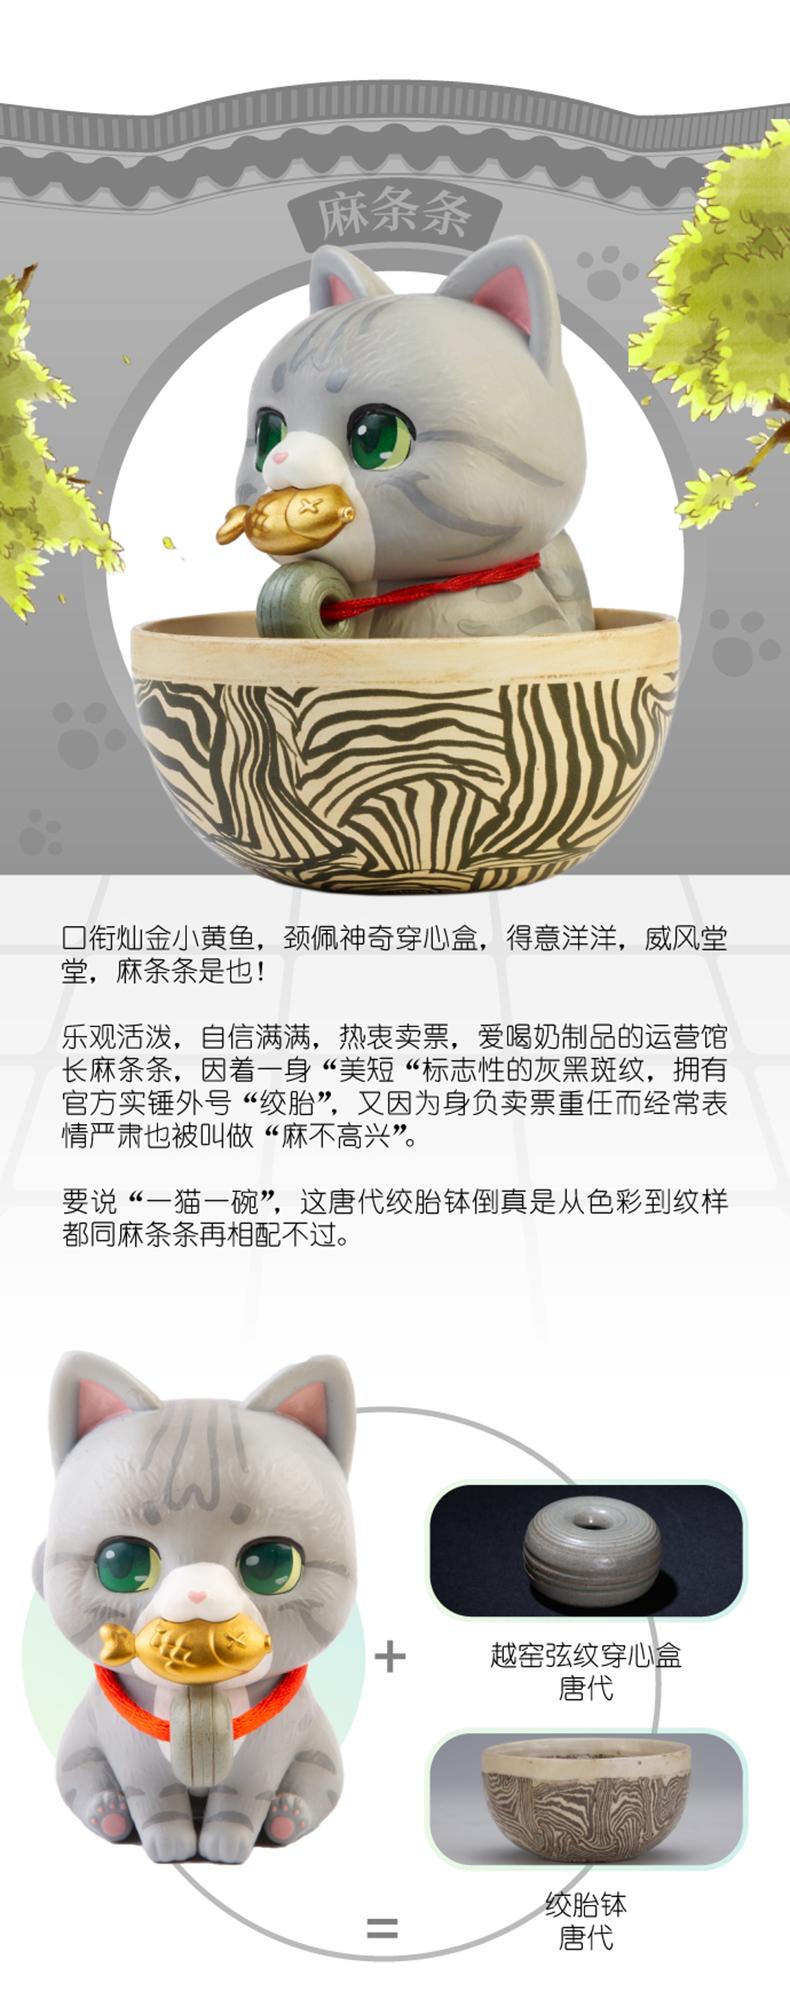 中國觀復貓系列盲盒人氣貓館長宮廷貓潮流盲盒動漫公仔擺件現貨*可魯可丫